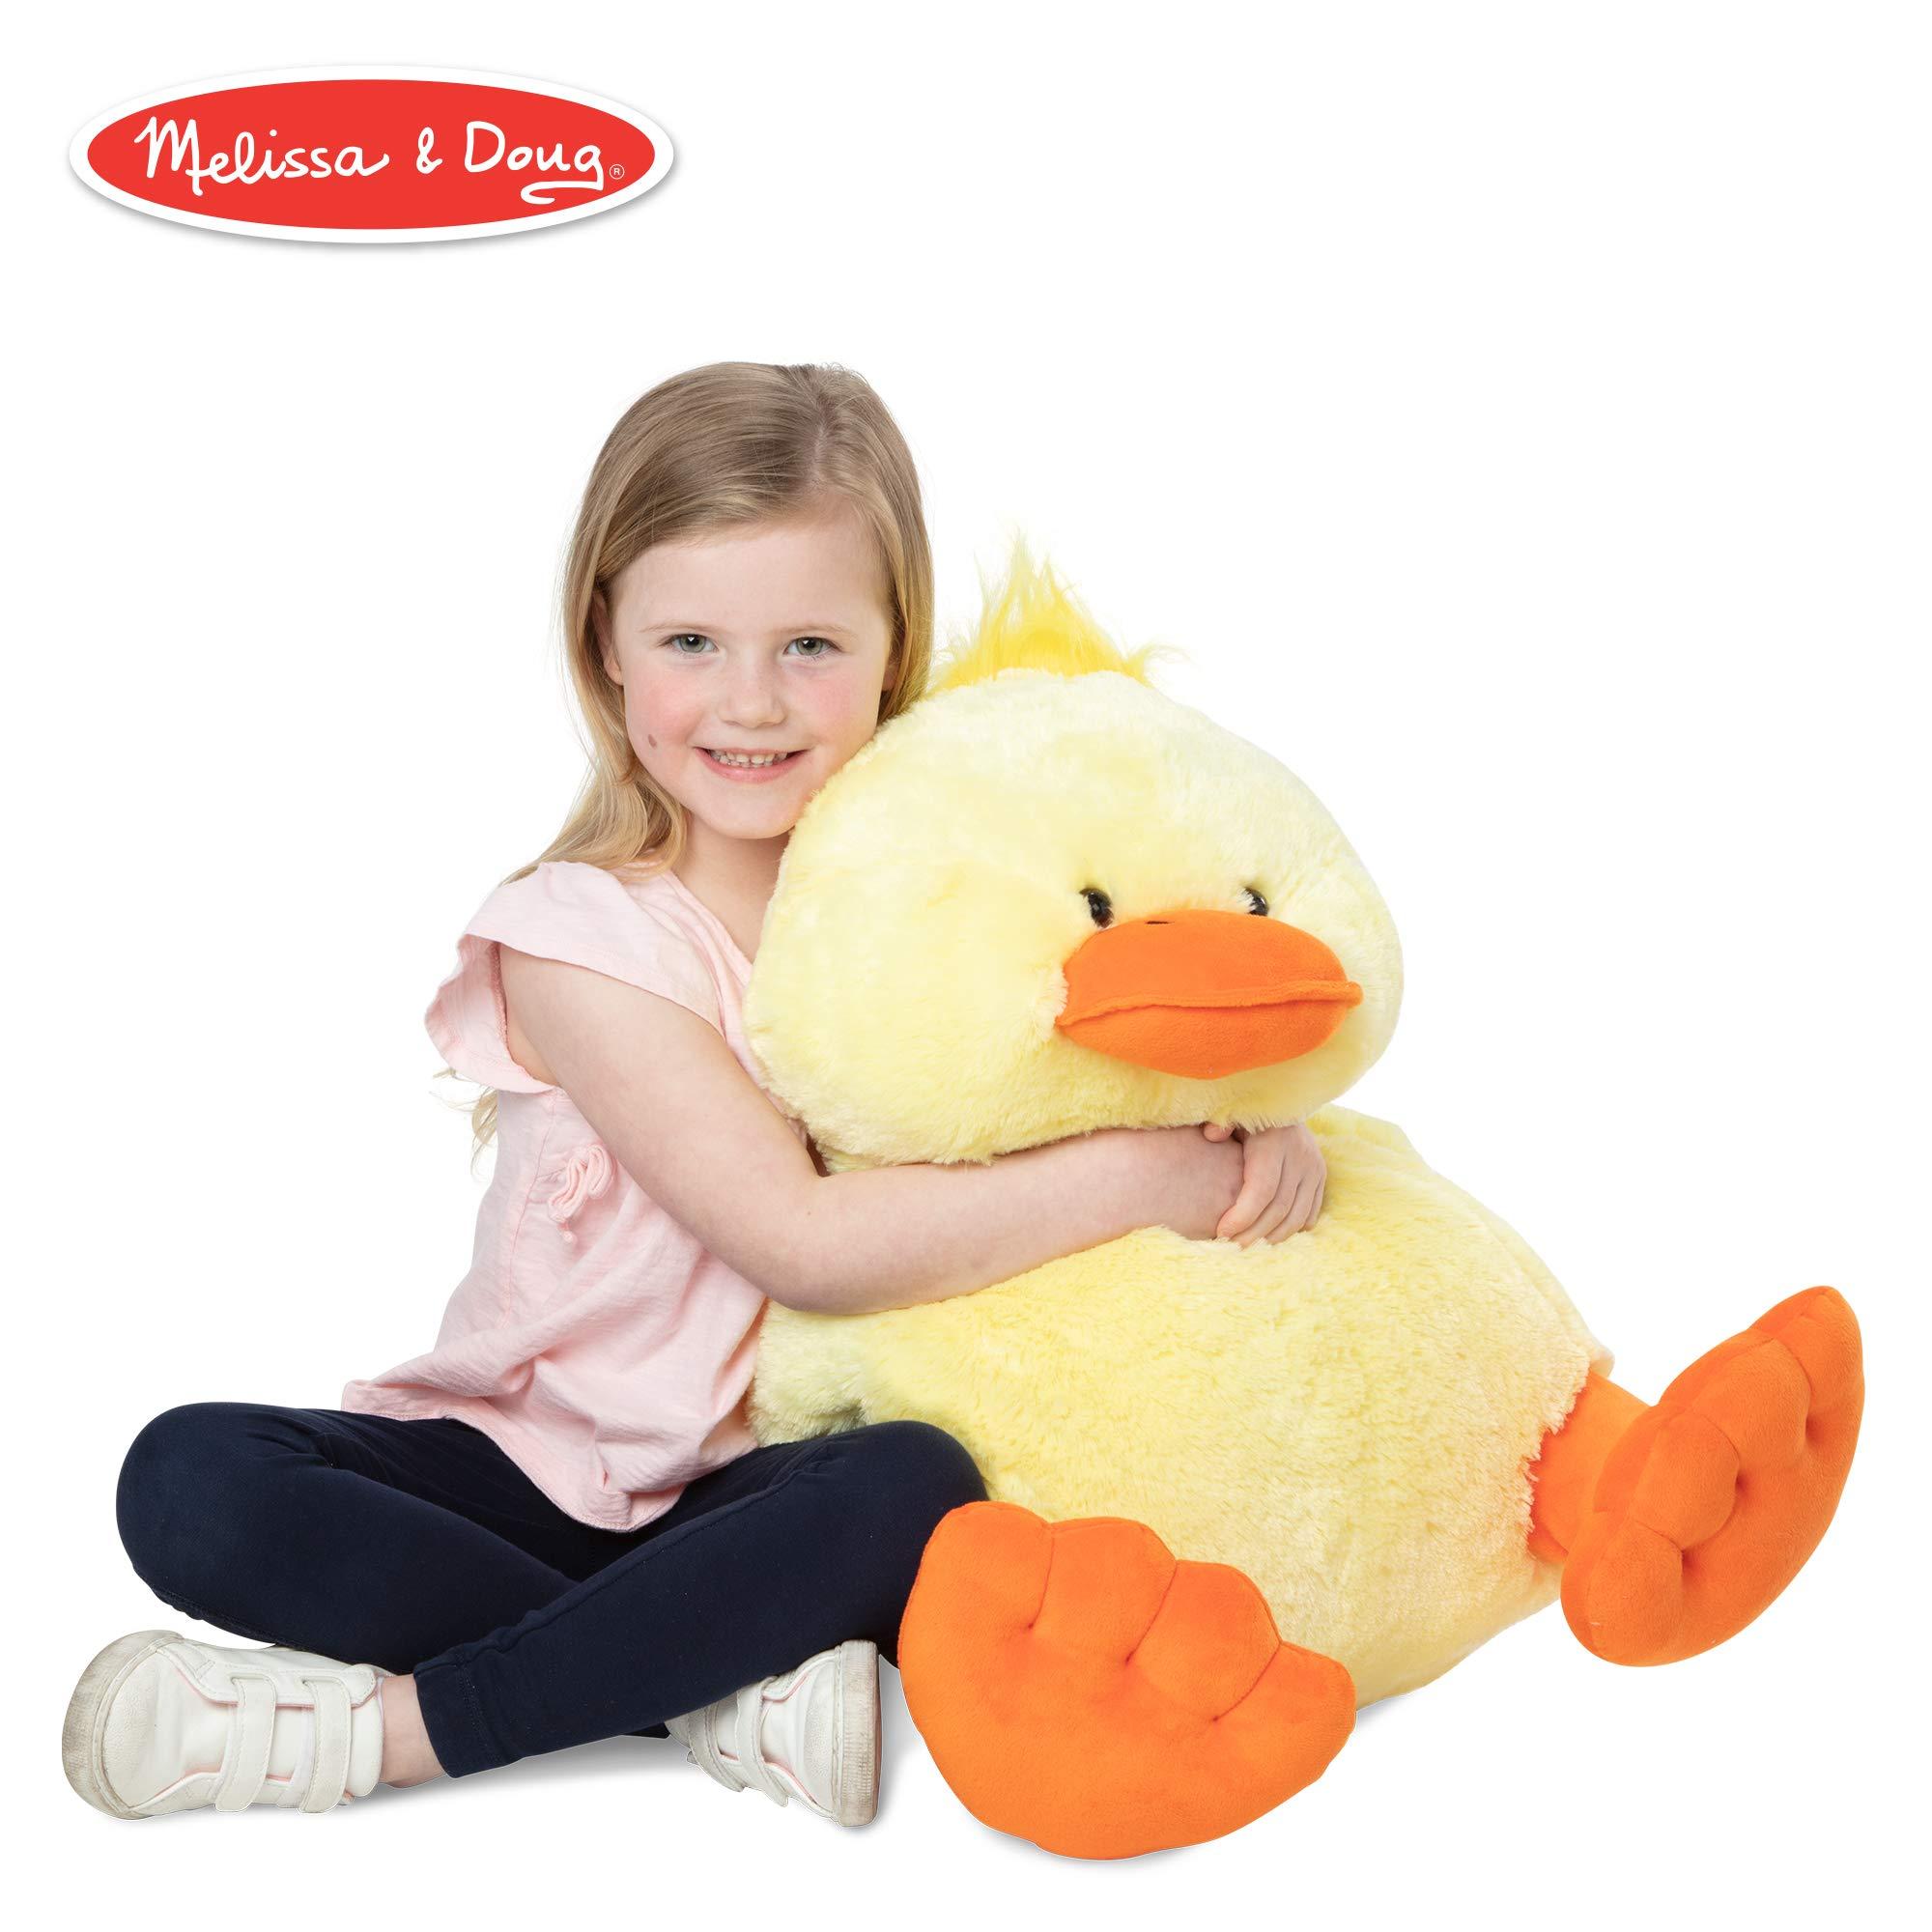 Melissa & Doug Jumbo Yellow Ducky Stuffed Animal (20'' Tall) by Melissa & Doug